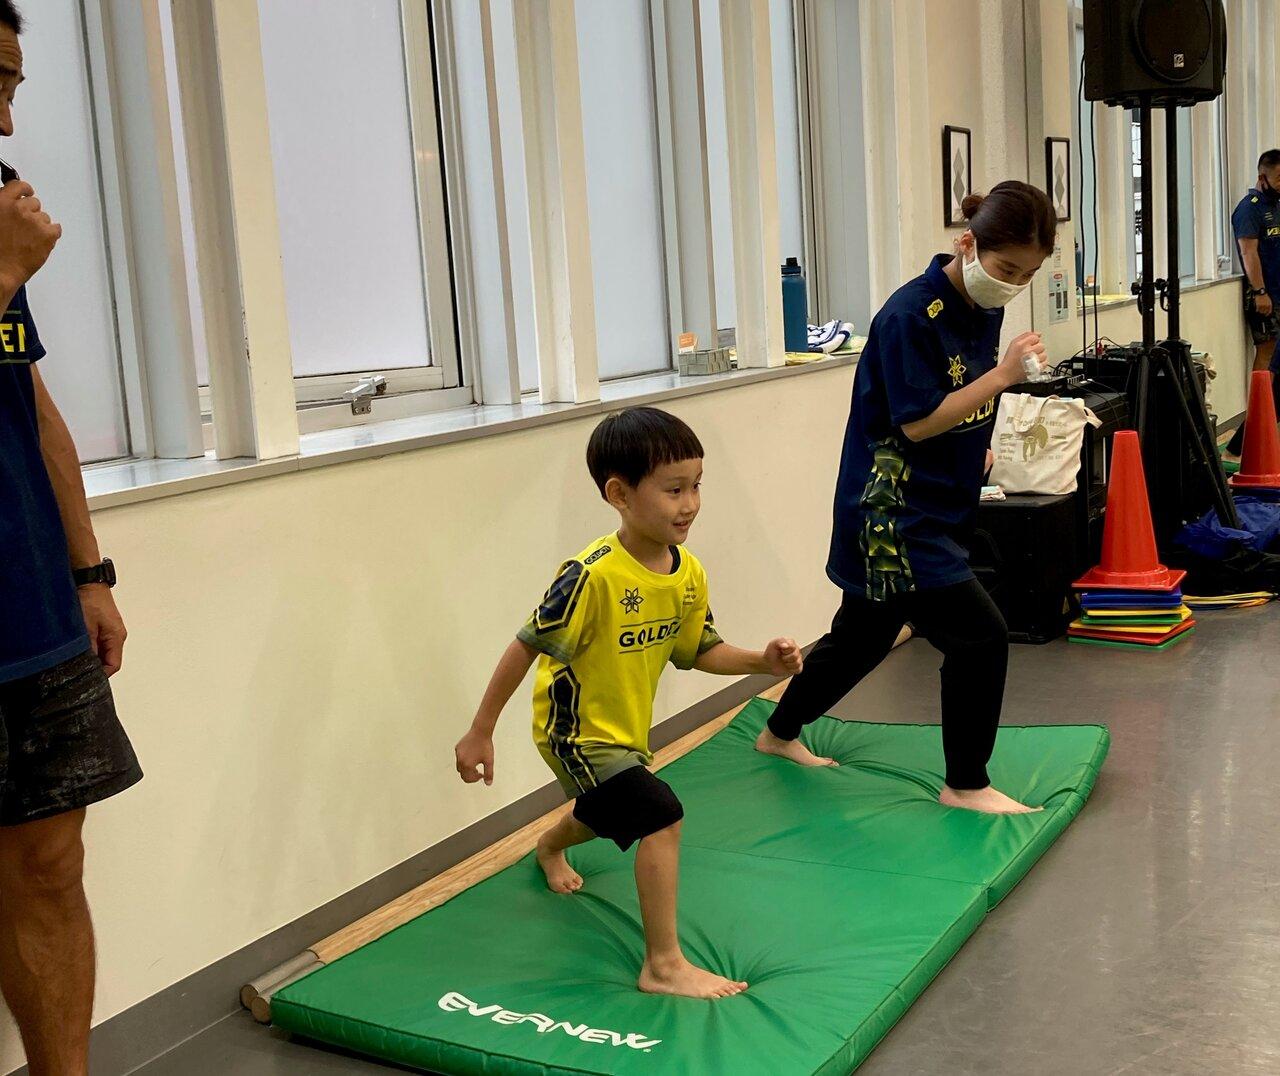 【運動教室】運動会も全力で頑張れるように!